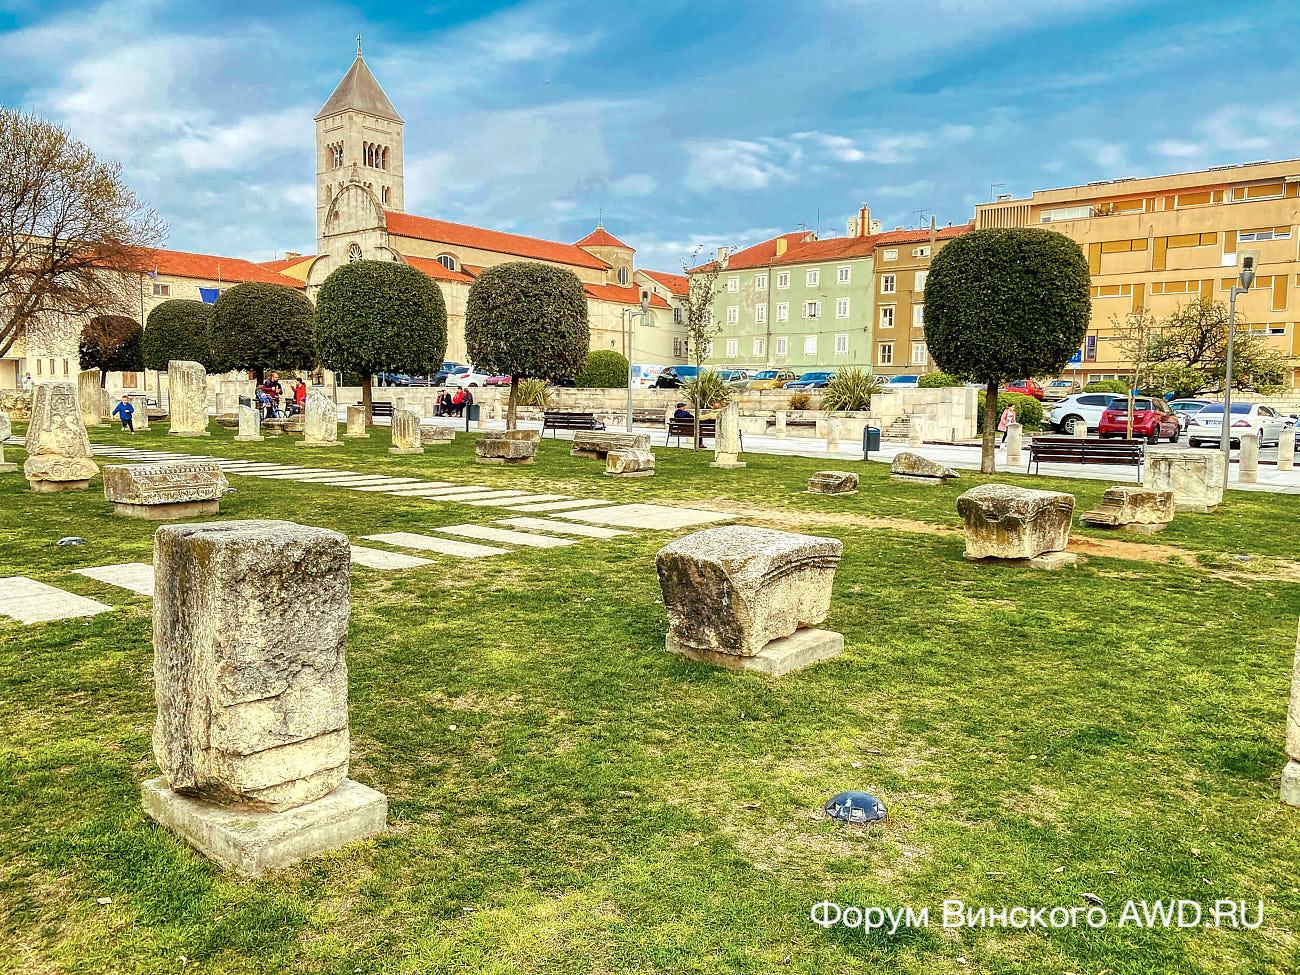 Хорватская Далмация от Макарска до Задар на авто в марте 2021